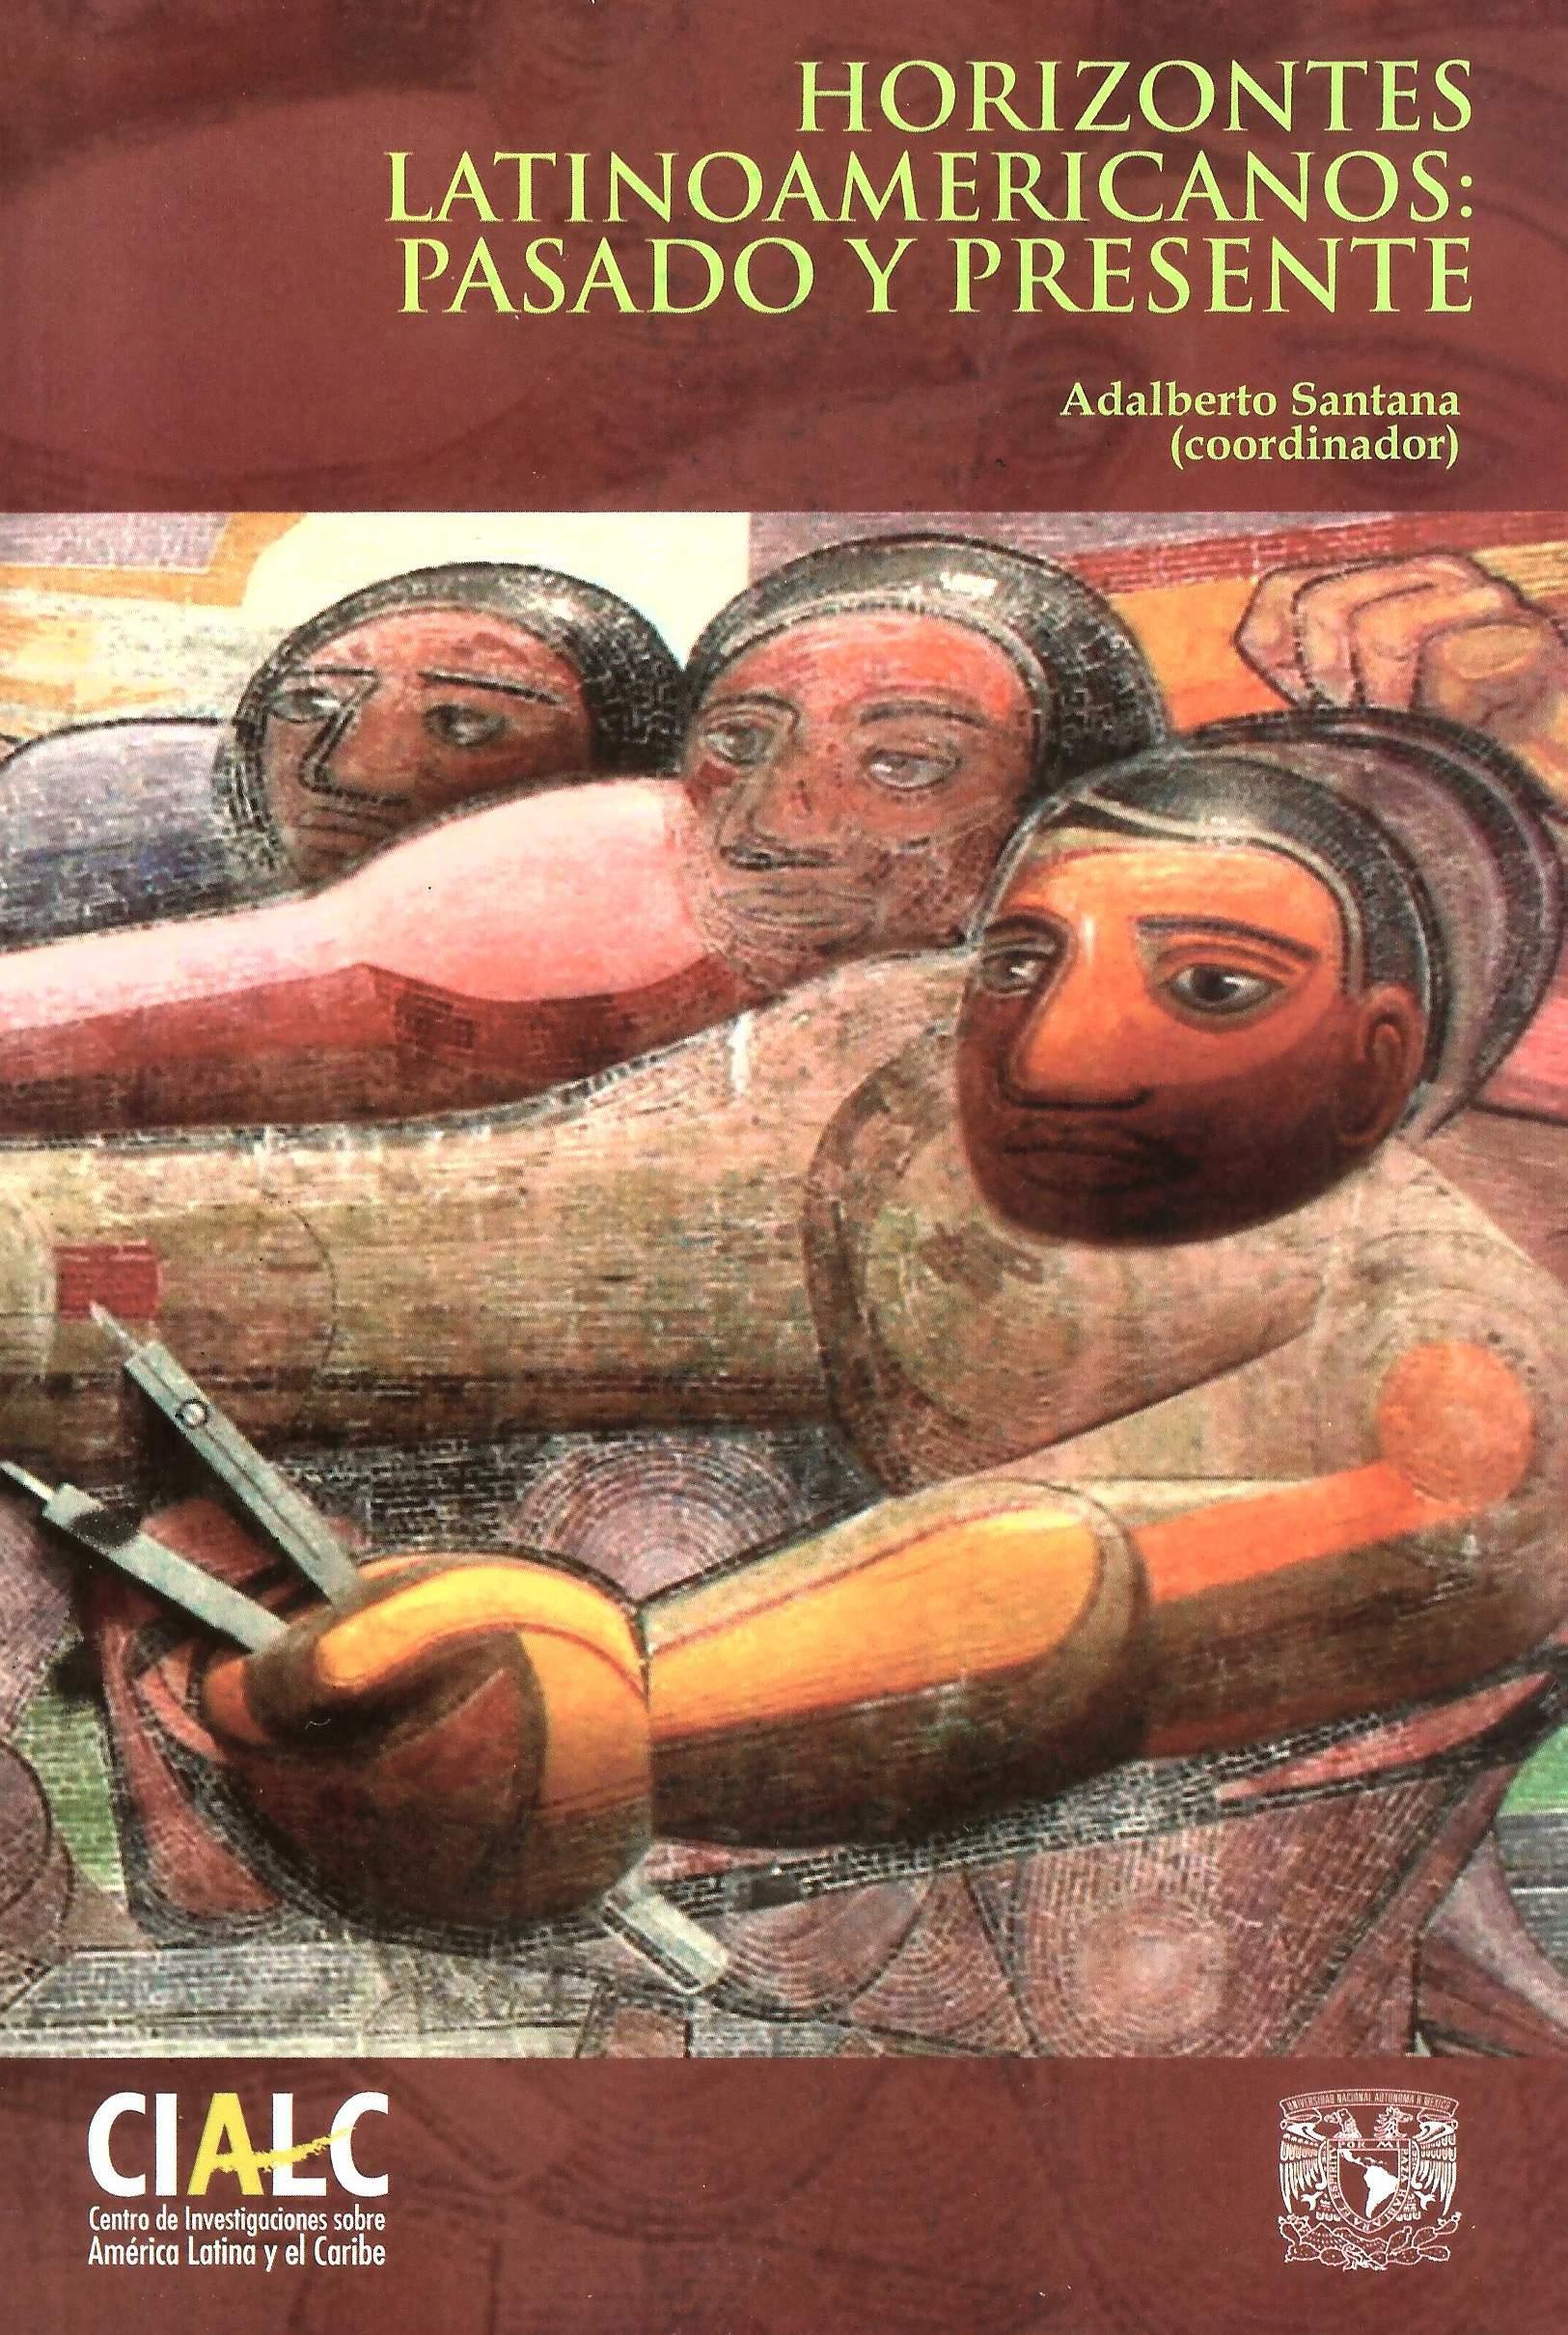 Horizontes latinoamericanos: pasado y presente